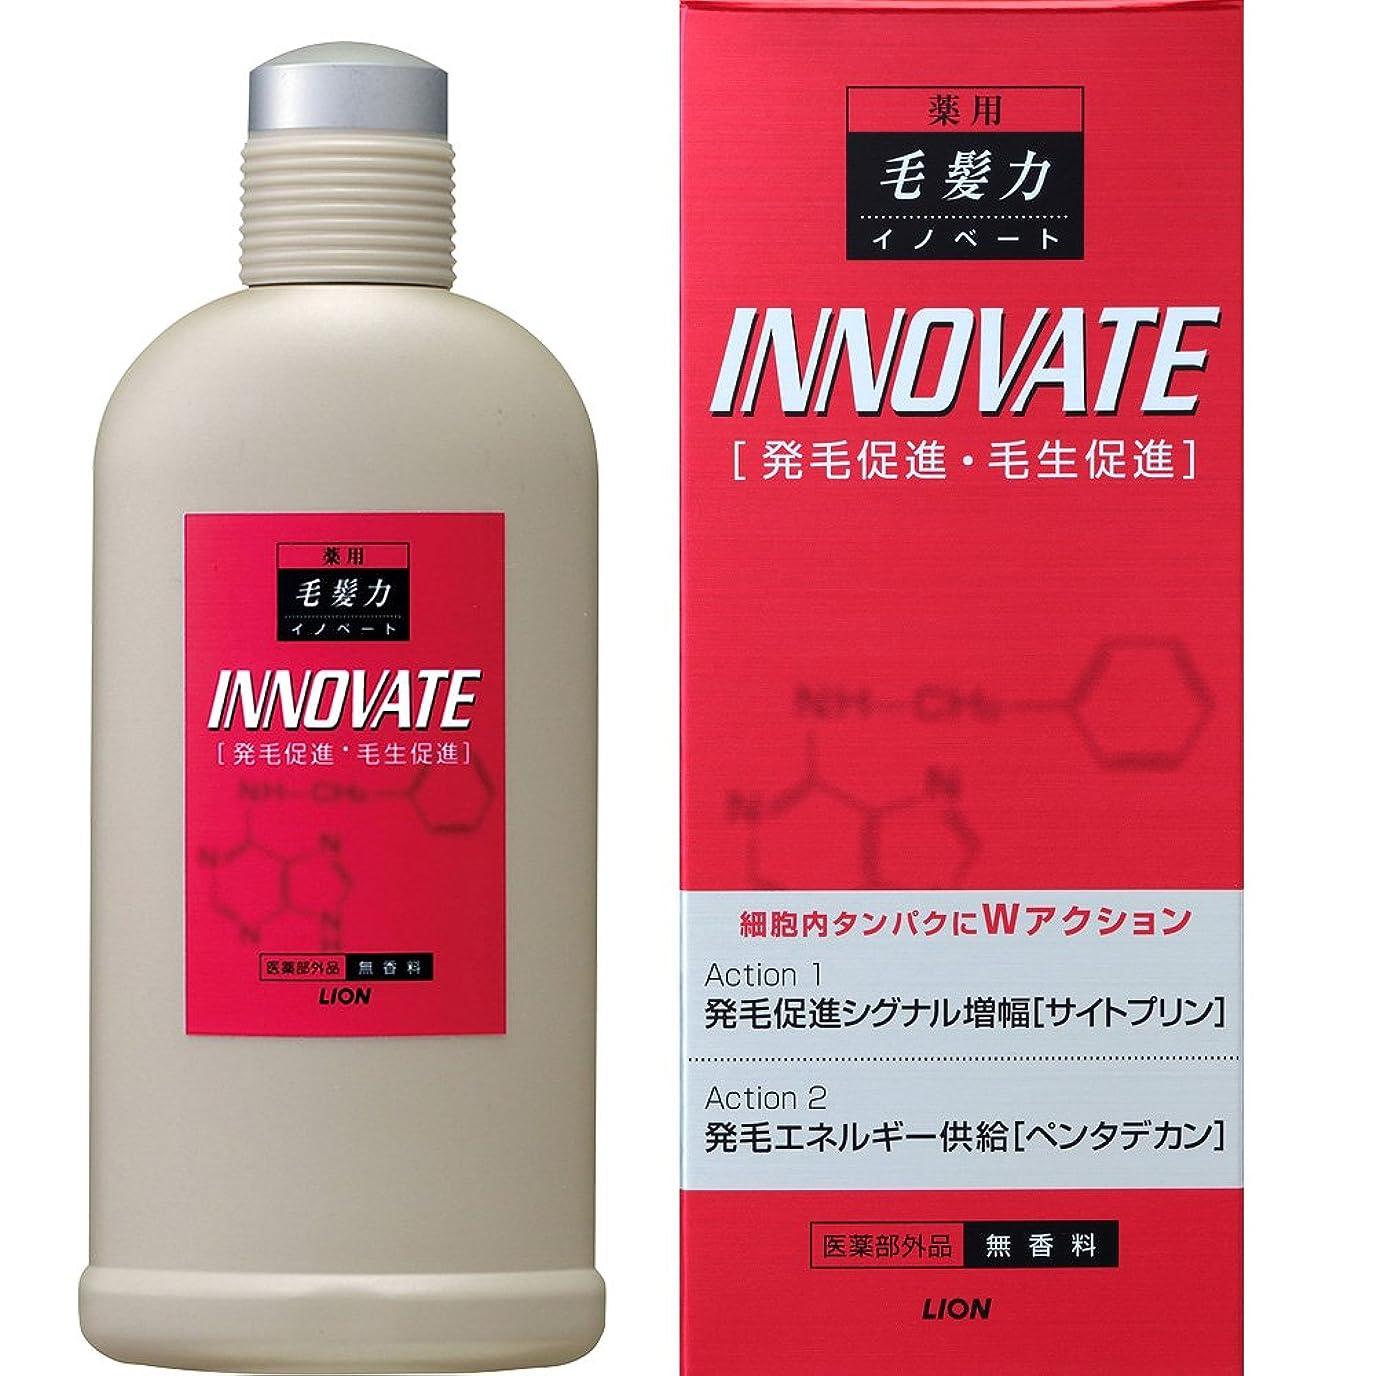 短命伝統的野菜薬用毛髪力イノベート 育毛剤 200ml(医薬部外品)